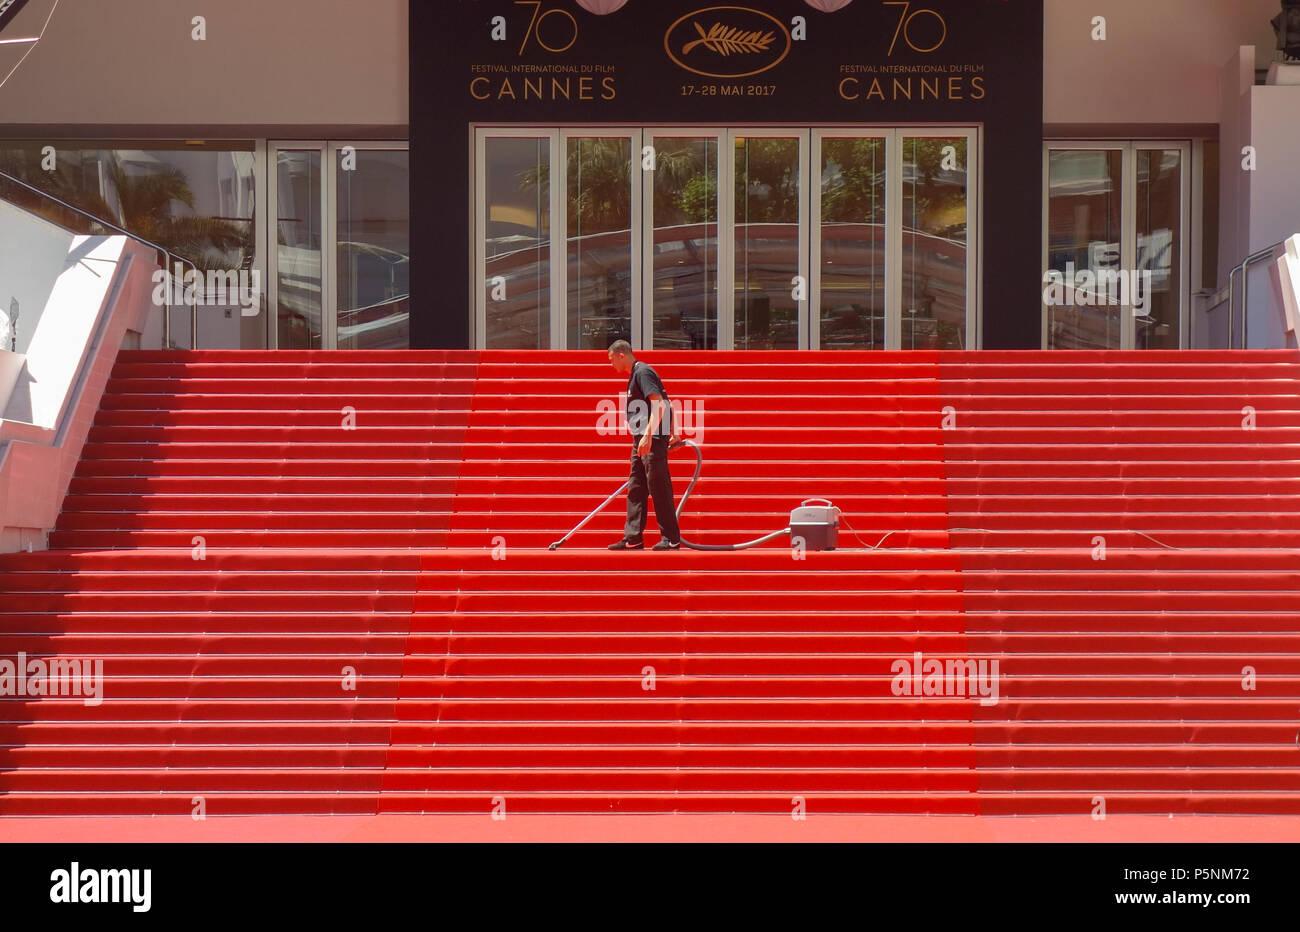 https www alamyimages fr cannes france 19 mai 2017 un homme de vide l emblematique tapis rouge pas d avance de festivites au festival de cannes image210074566 html